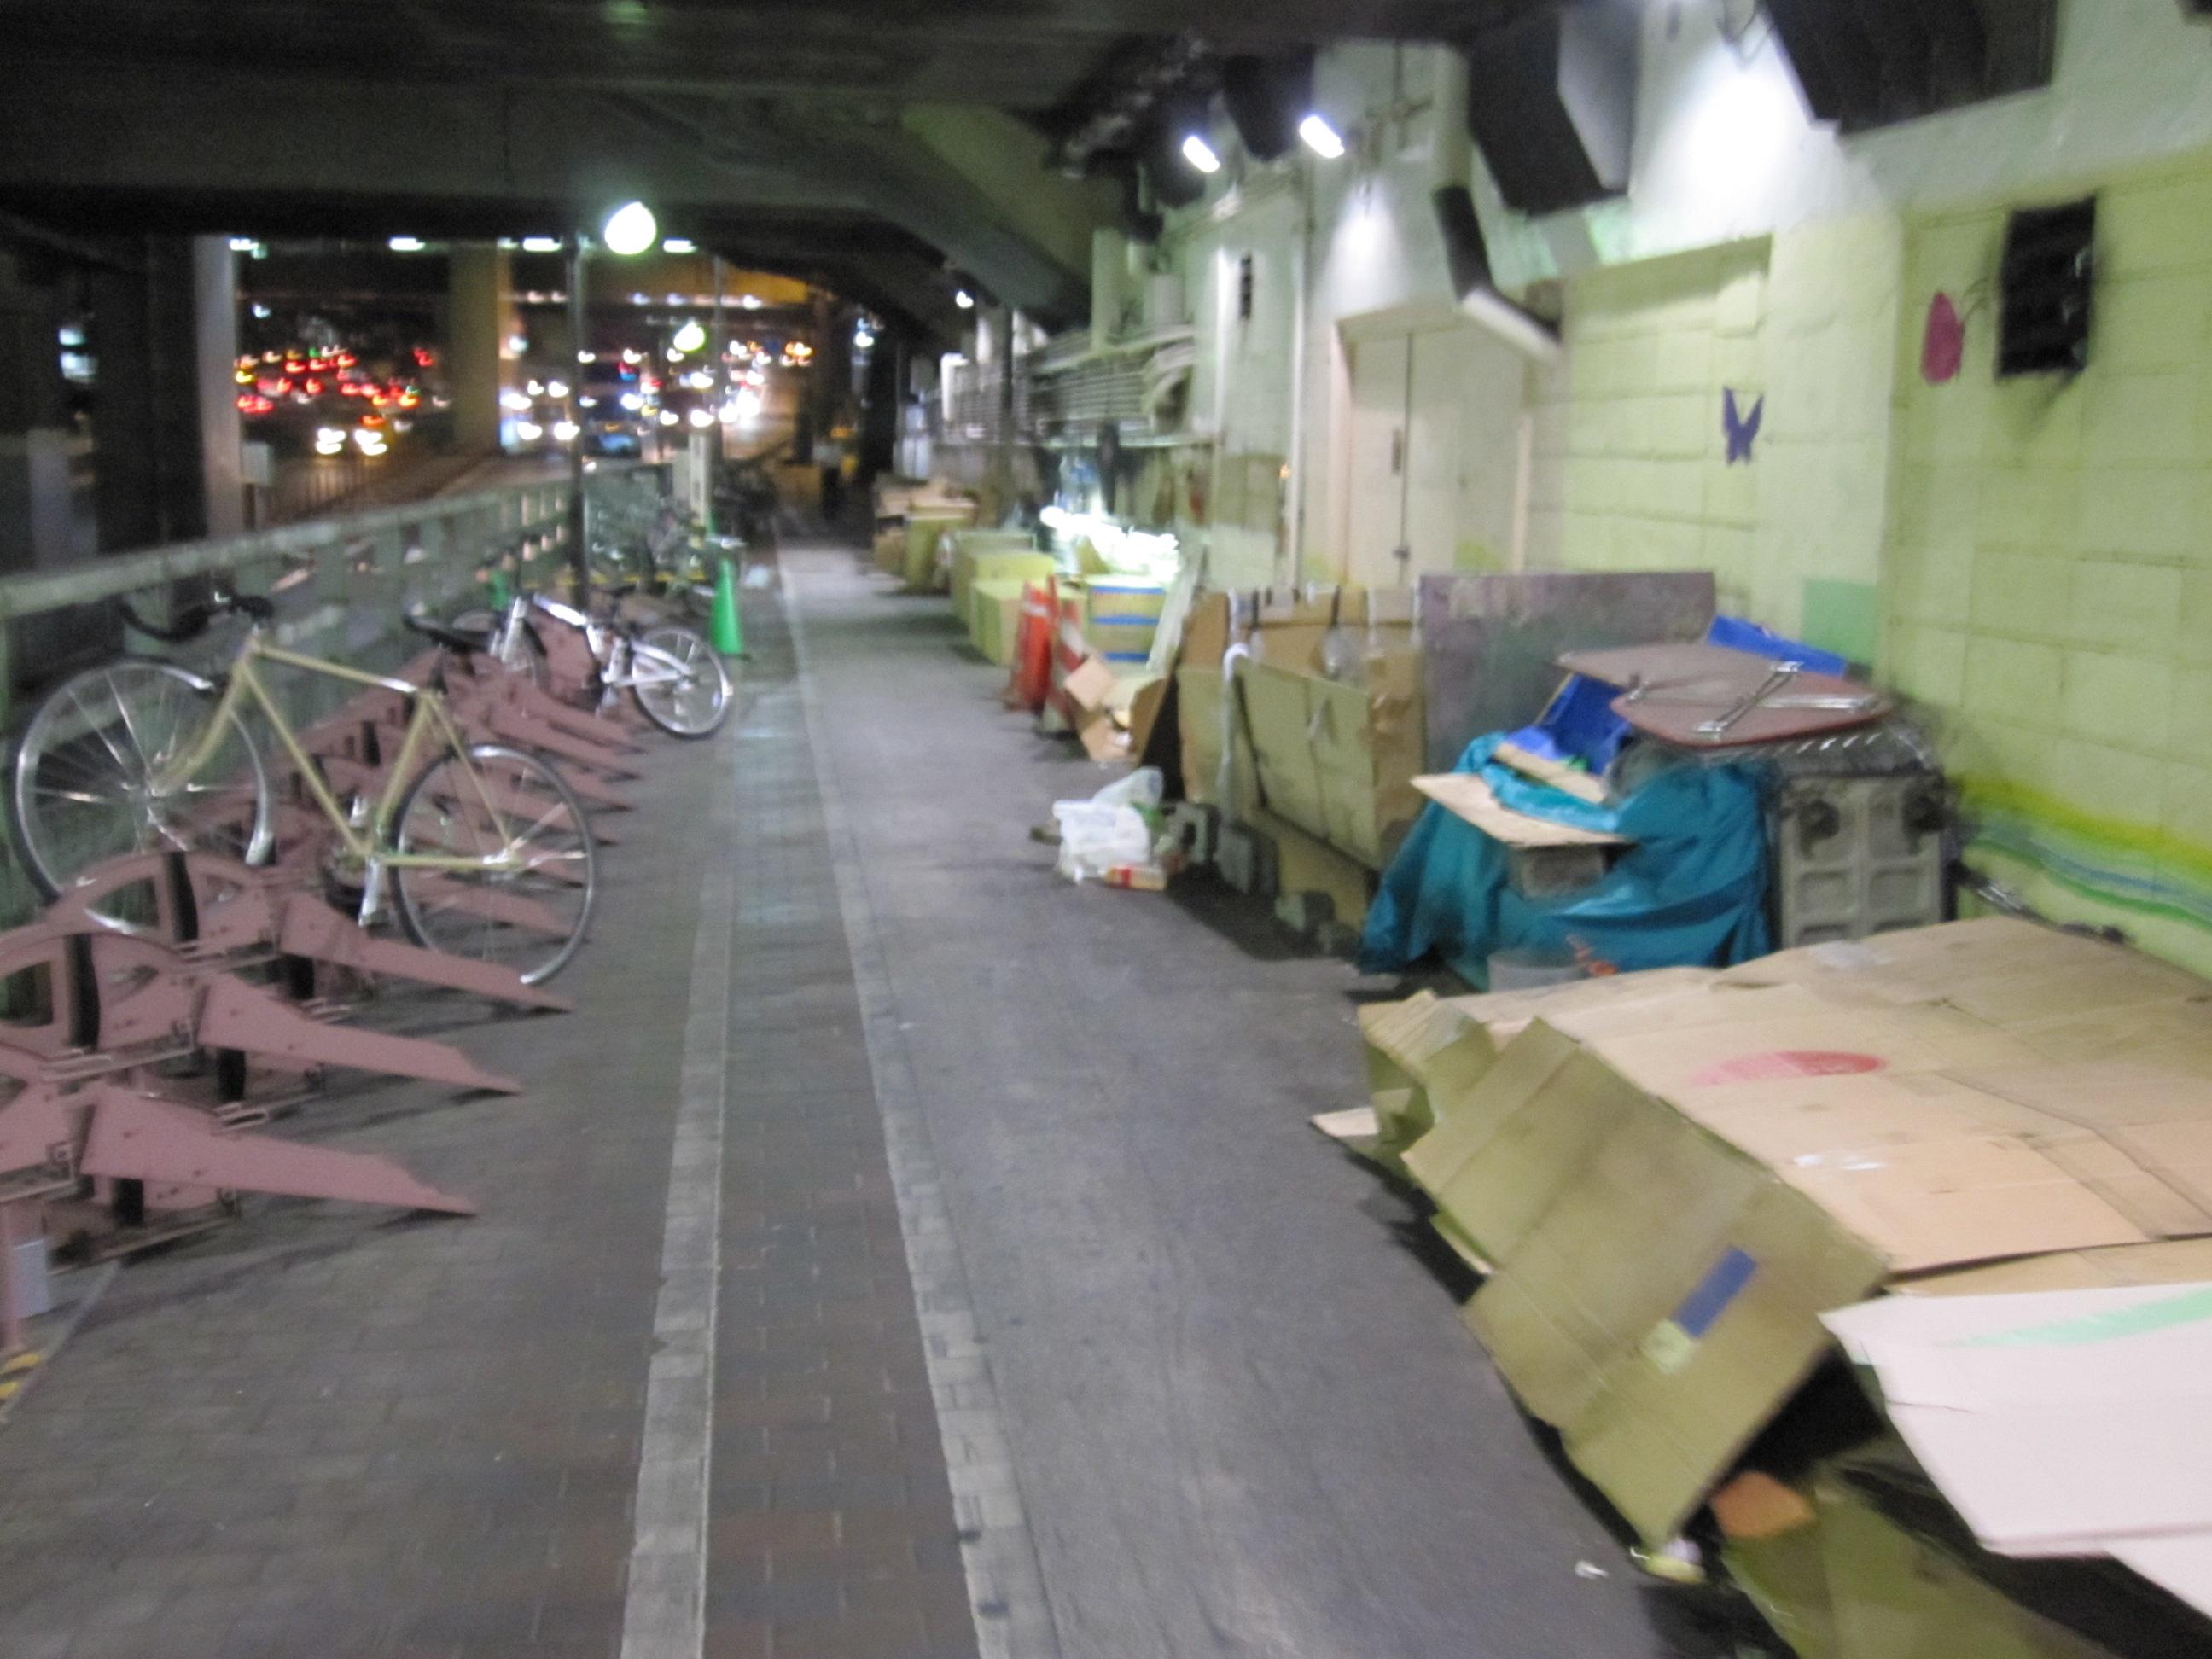 【国内】「早く来いよ!ふざけるなてめえ」泣き叫ぶ幼児を女性が「蹴り倒す」動画・・・渋谷駅で撮影された「児童虐待」衝撃の現場★6YouTube動画>7本 ->画像>74枚